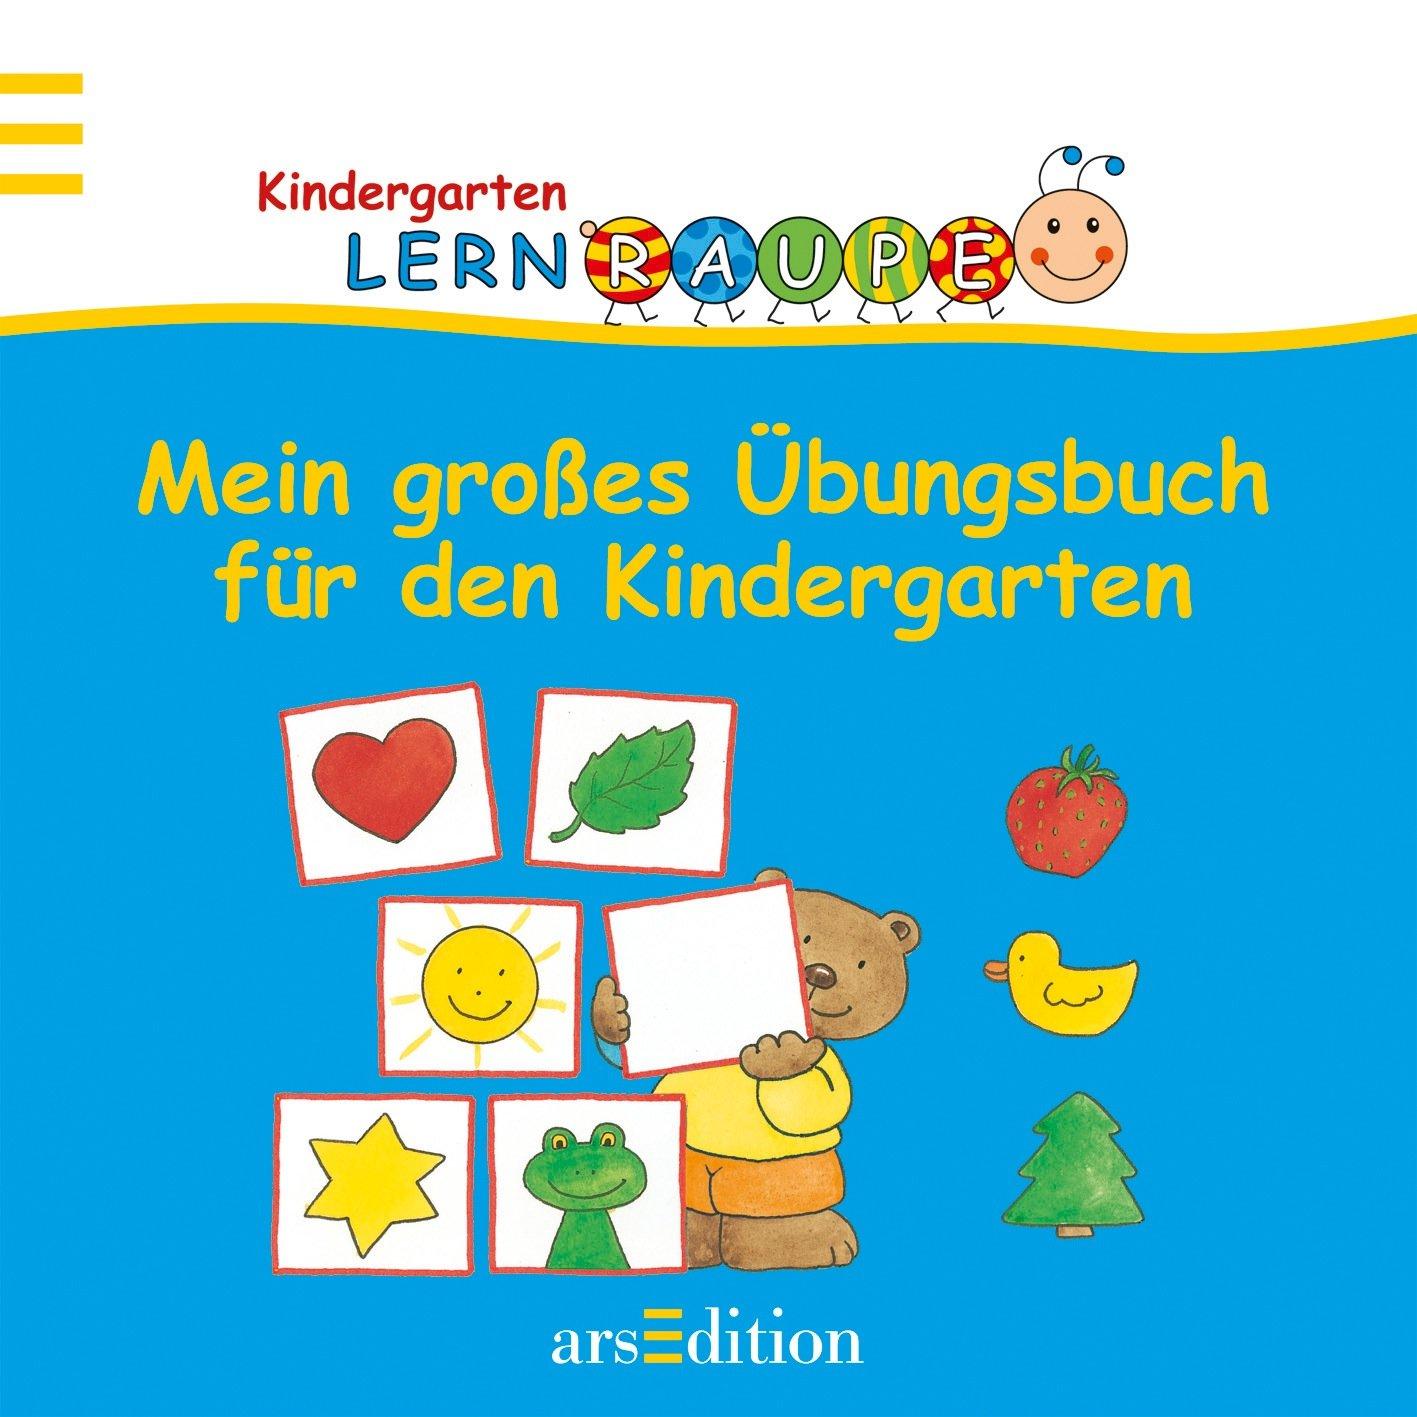 Mein großes Übungsbuch für den Kindergarten (Kindergarten-Lernraupe) Broschiert – 3. März 2010 Angela Wiesner arsEdition 3760751628 Beschäftigungsbuch